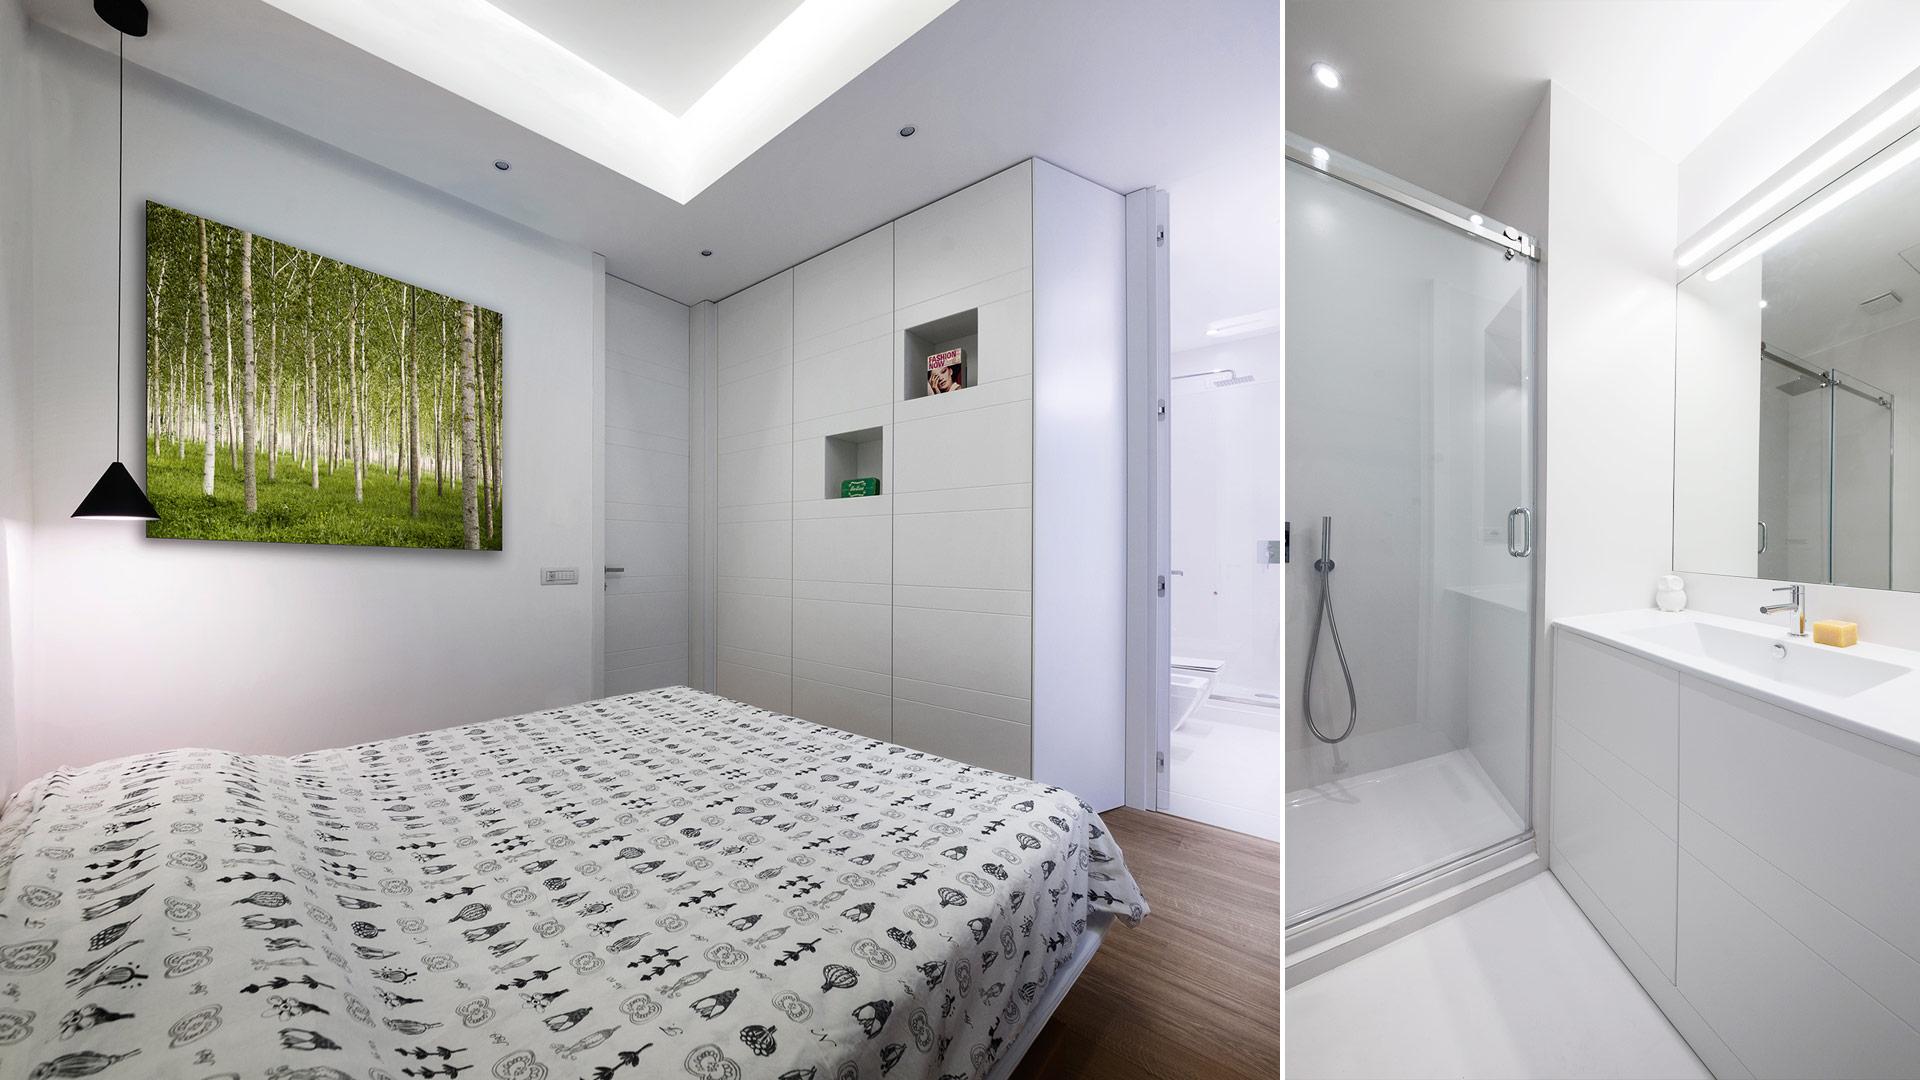 Progetto Contract Interior Design appartamento privato Roma - Area-contract-Cicchetti-04